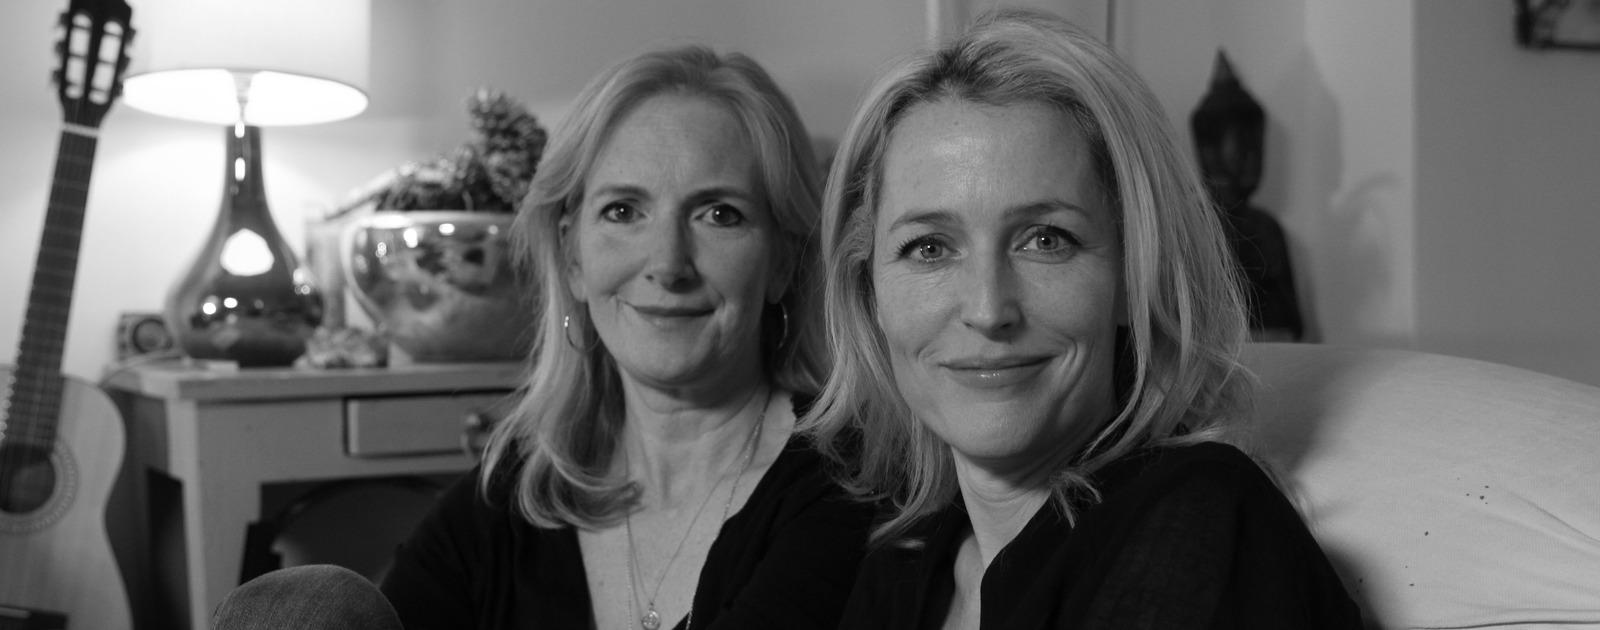 Portrait of Gillian Anderson & Jennifer Nadel